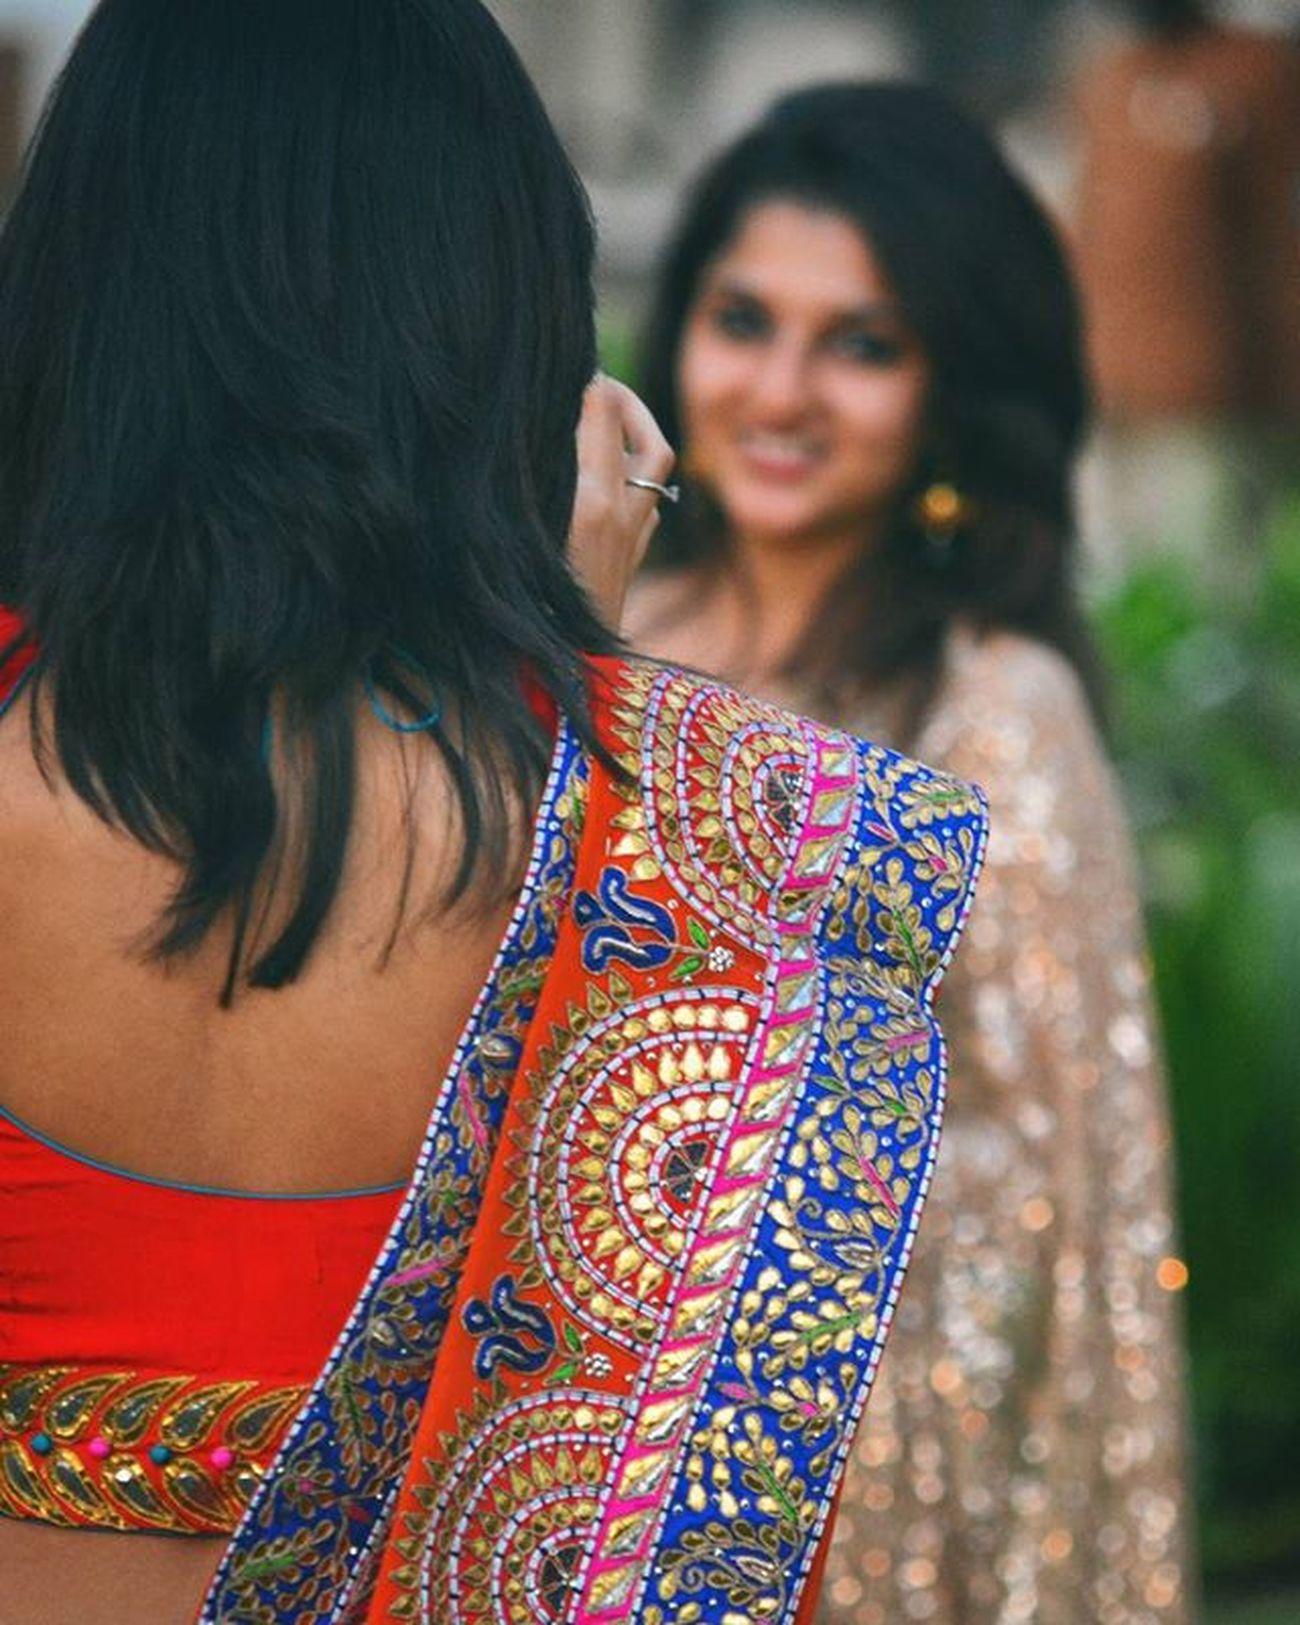 Gagans_photography Aeshkydiwedding Gujarati Punjabi Wedding Picsagram